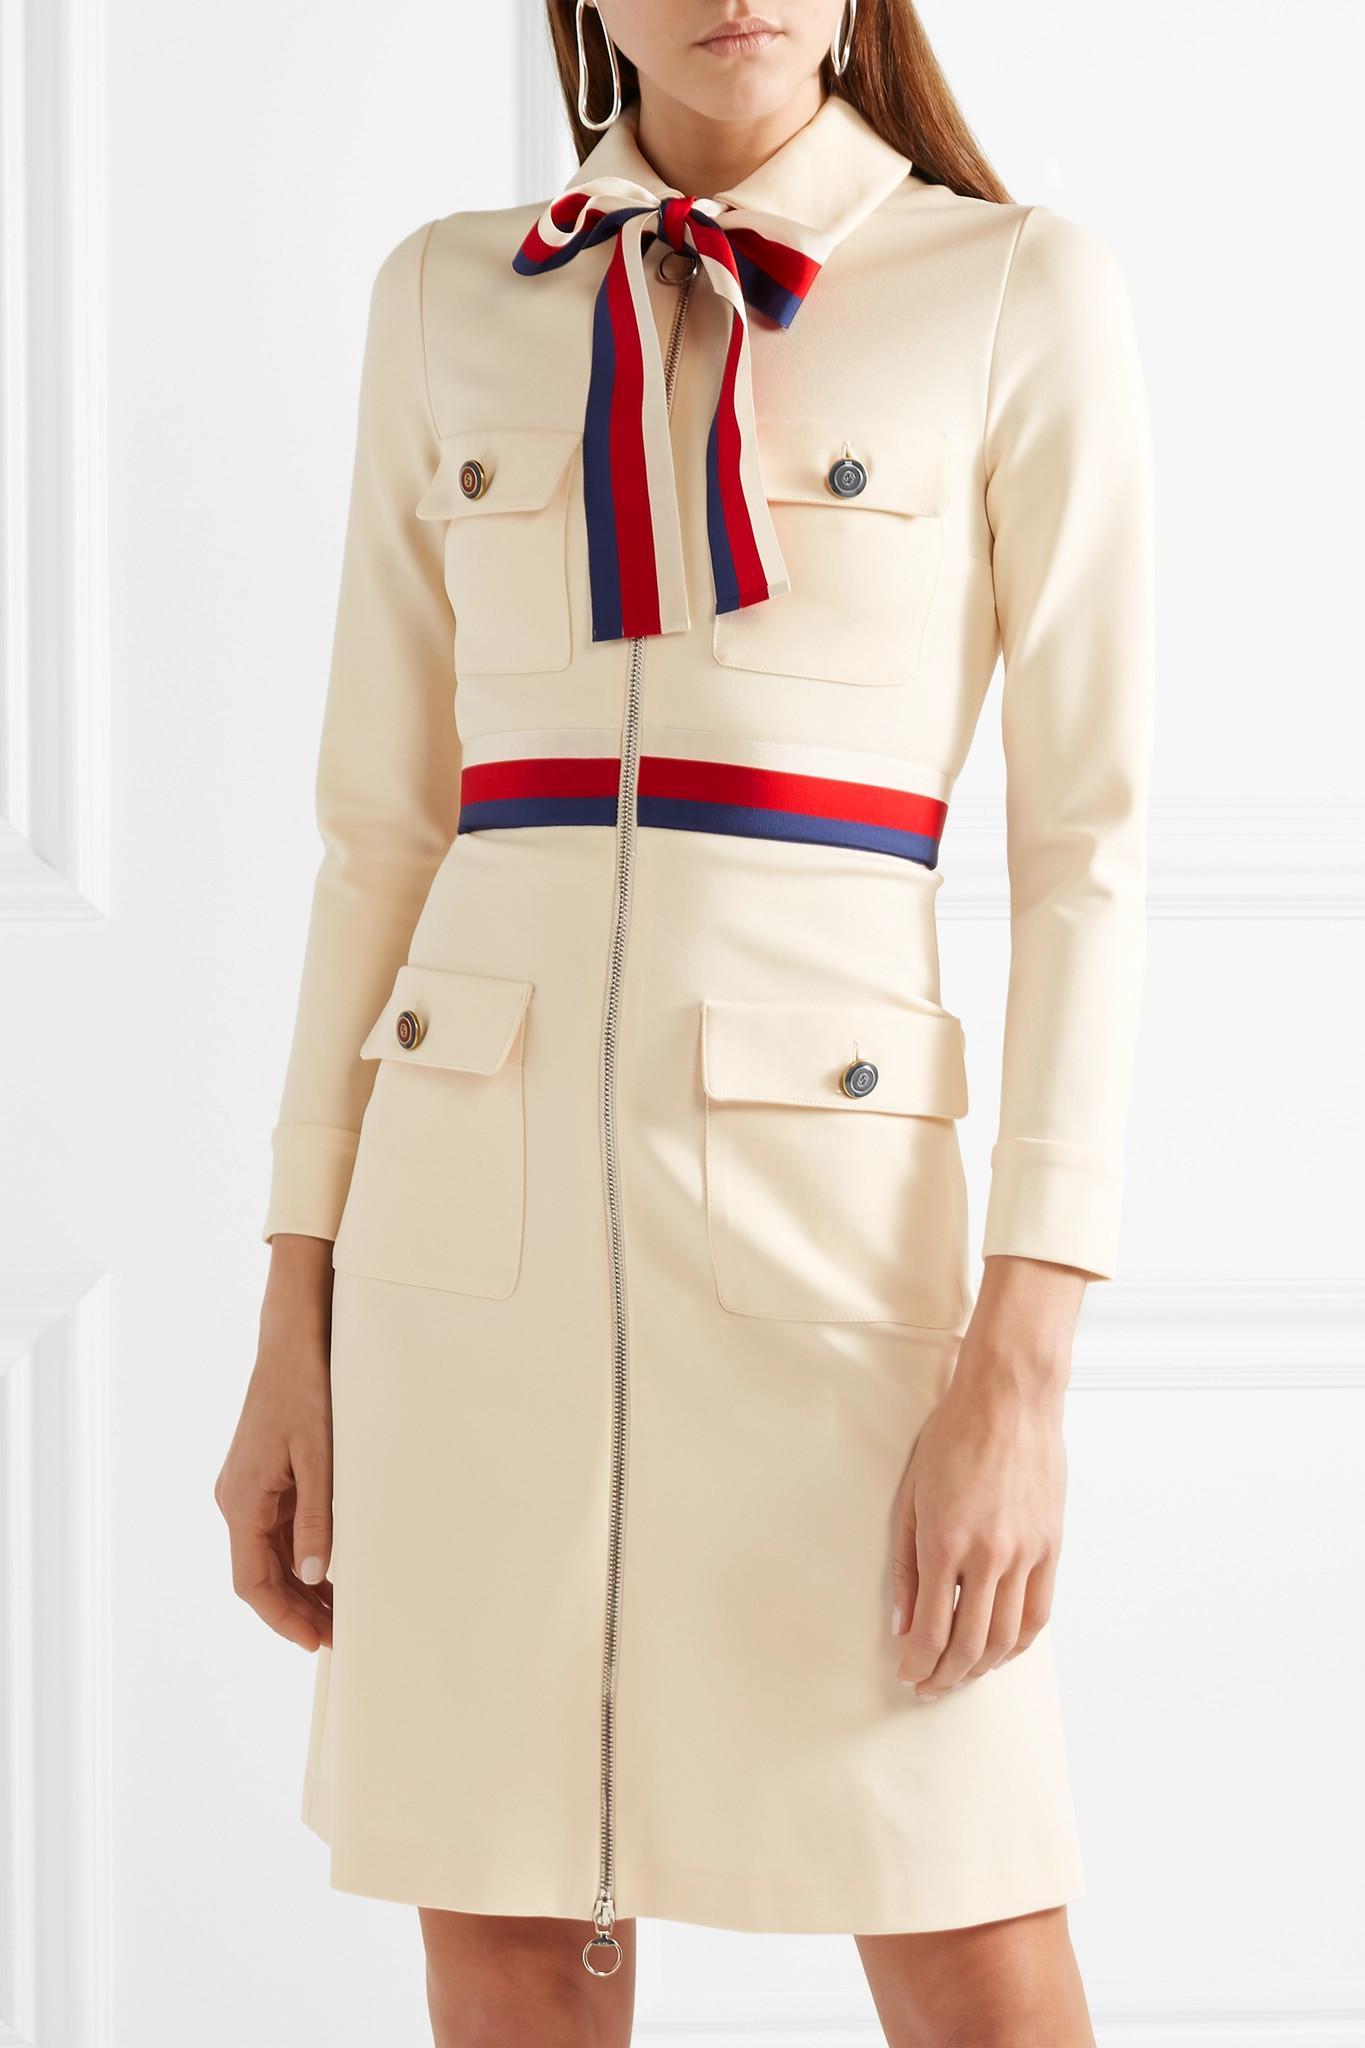 Lyst - Mini-robe En Jersey à Finitions En Gros-grain Gucci en ... b030581c7b3